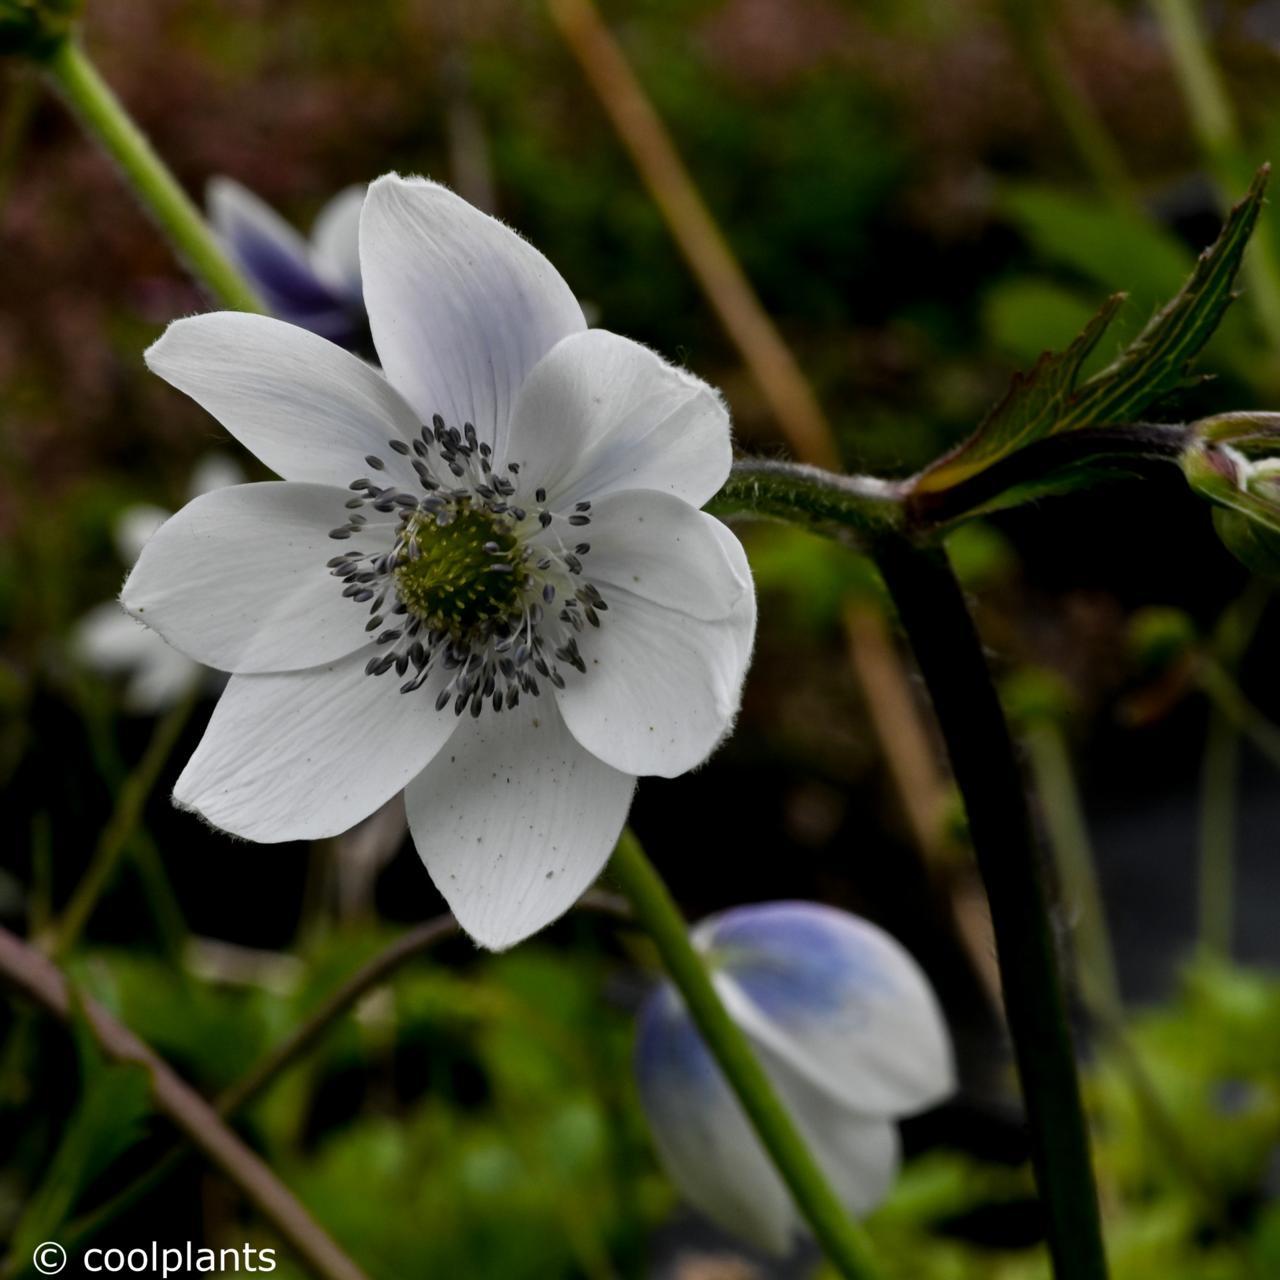 Anemone leveillei plant